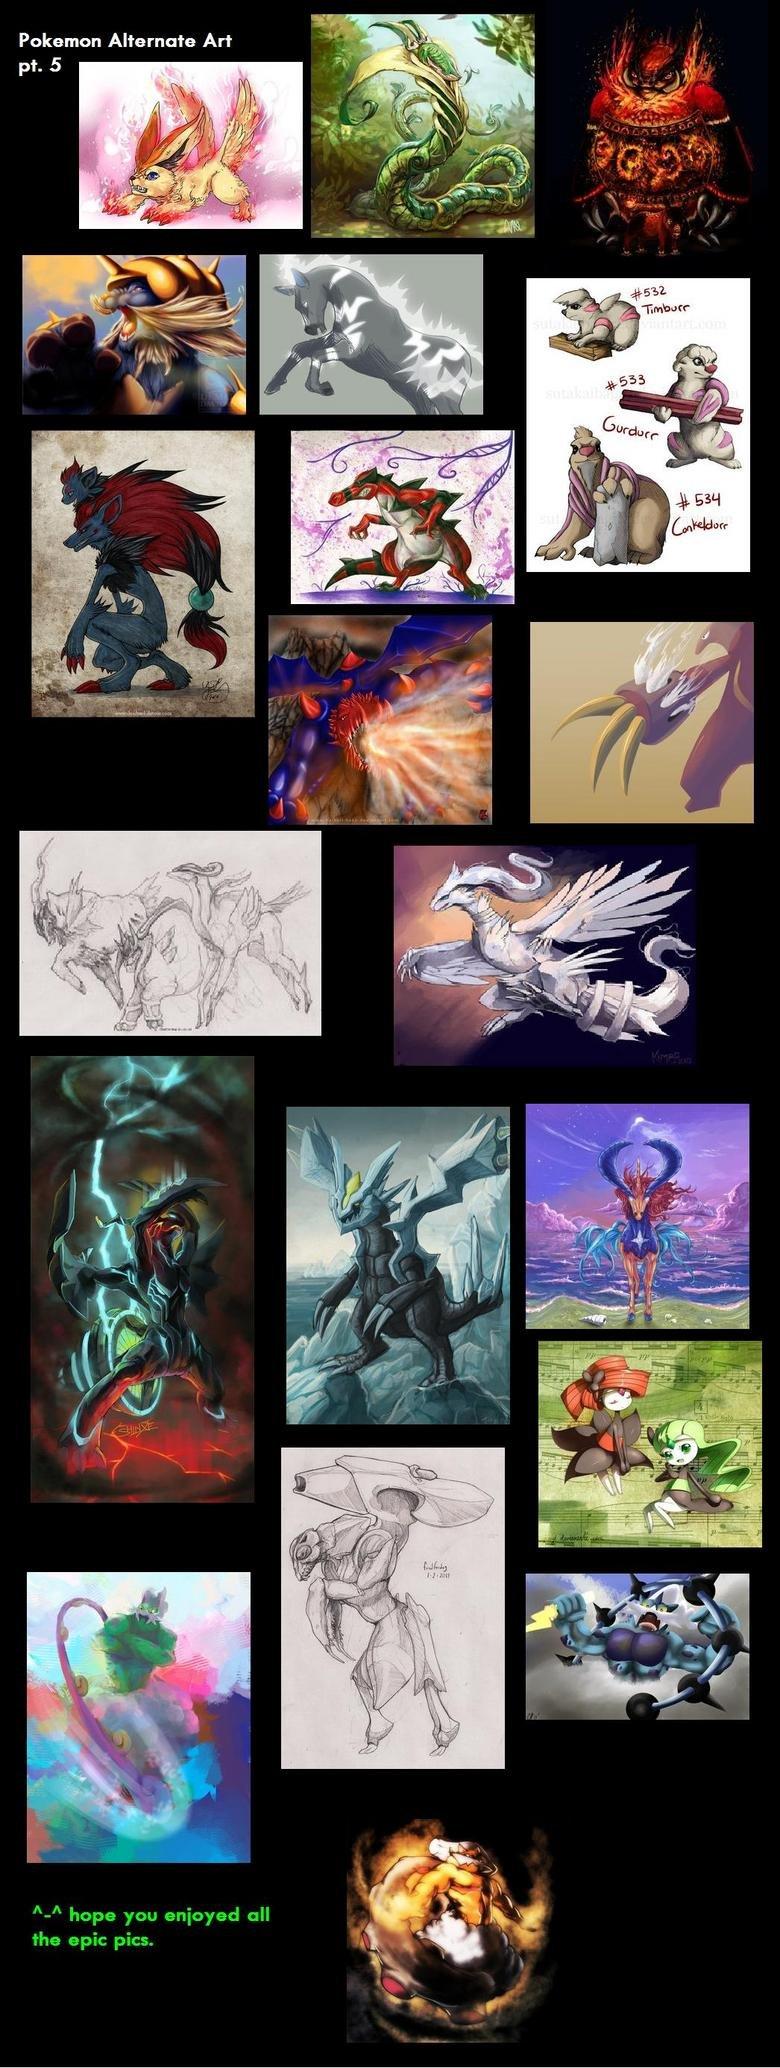 5th Gen Pokemon ALternate Art. part 4-/funny_pictures/1832510/4th+Gen+Pokem... part 3-www.funnyjunk.com/funnypictures/1827992/3rd+Gen+Pokemon+Alt+Art/ part 2-ww Pokemon Art alternate